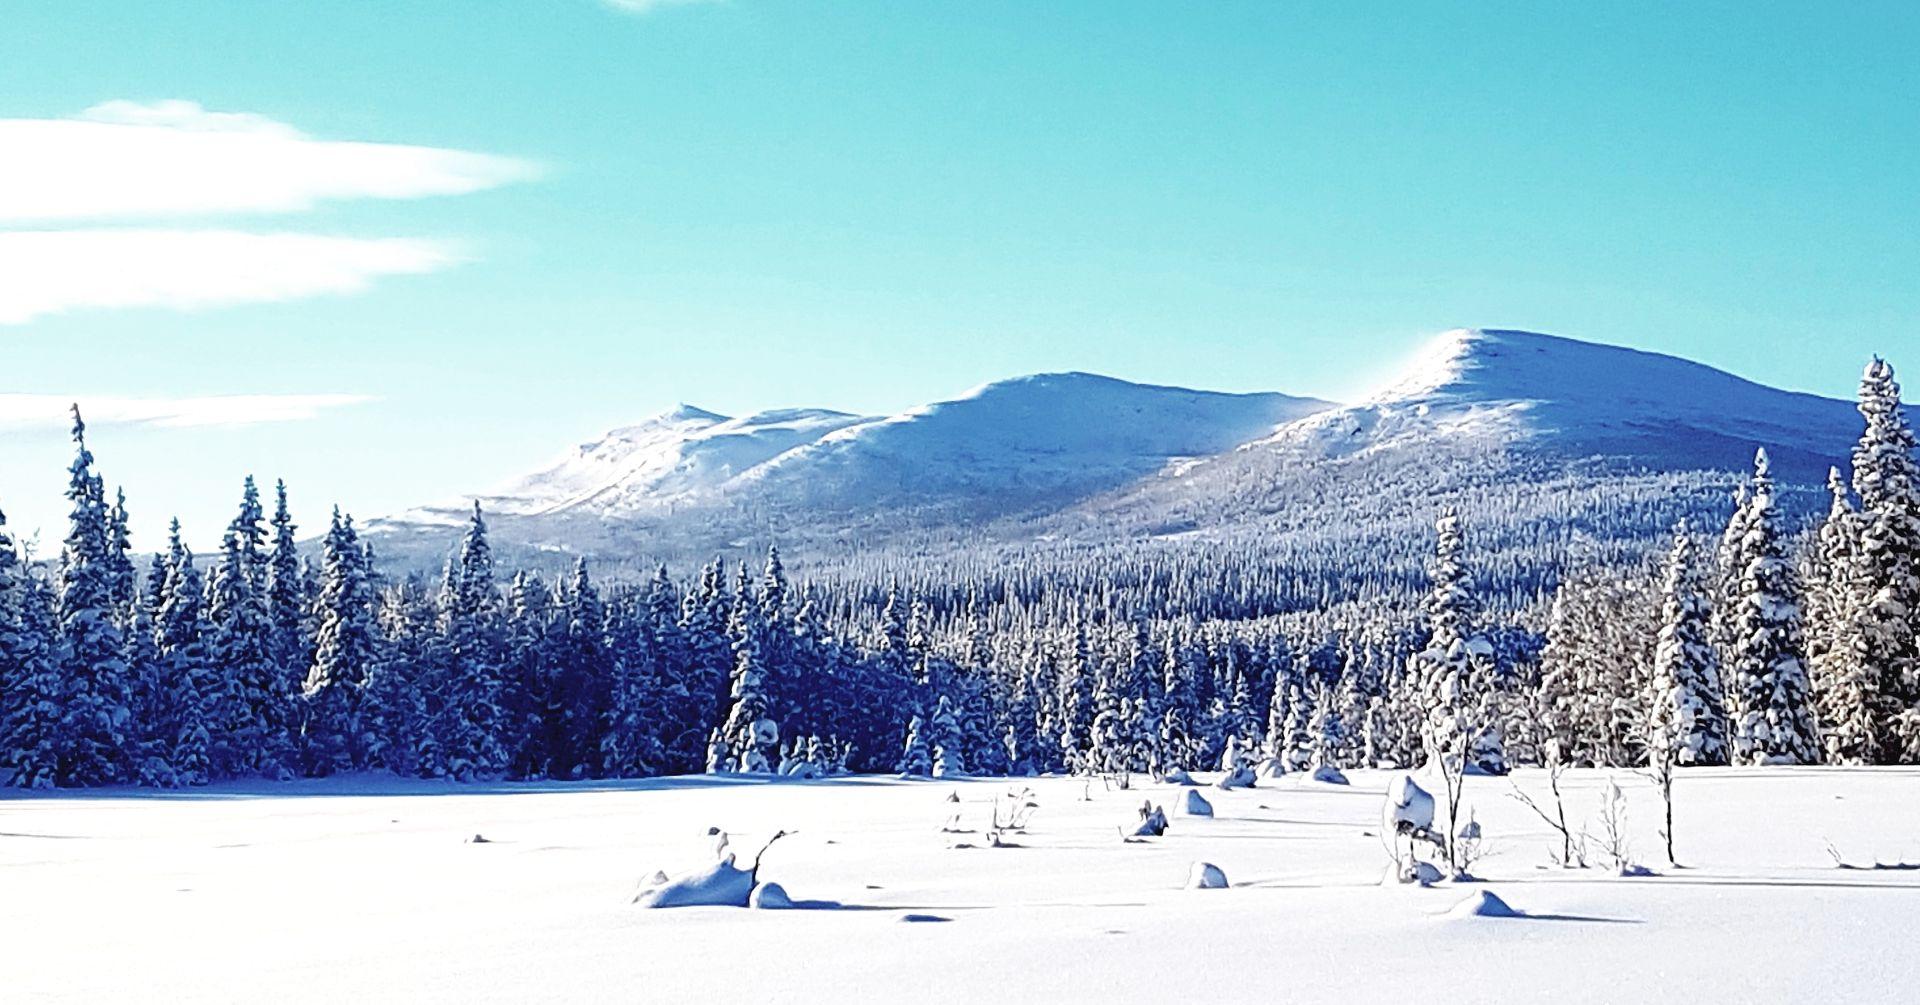 Vinter i Ansättfjällen. Foto © Jet Sleddogs.